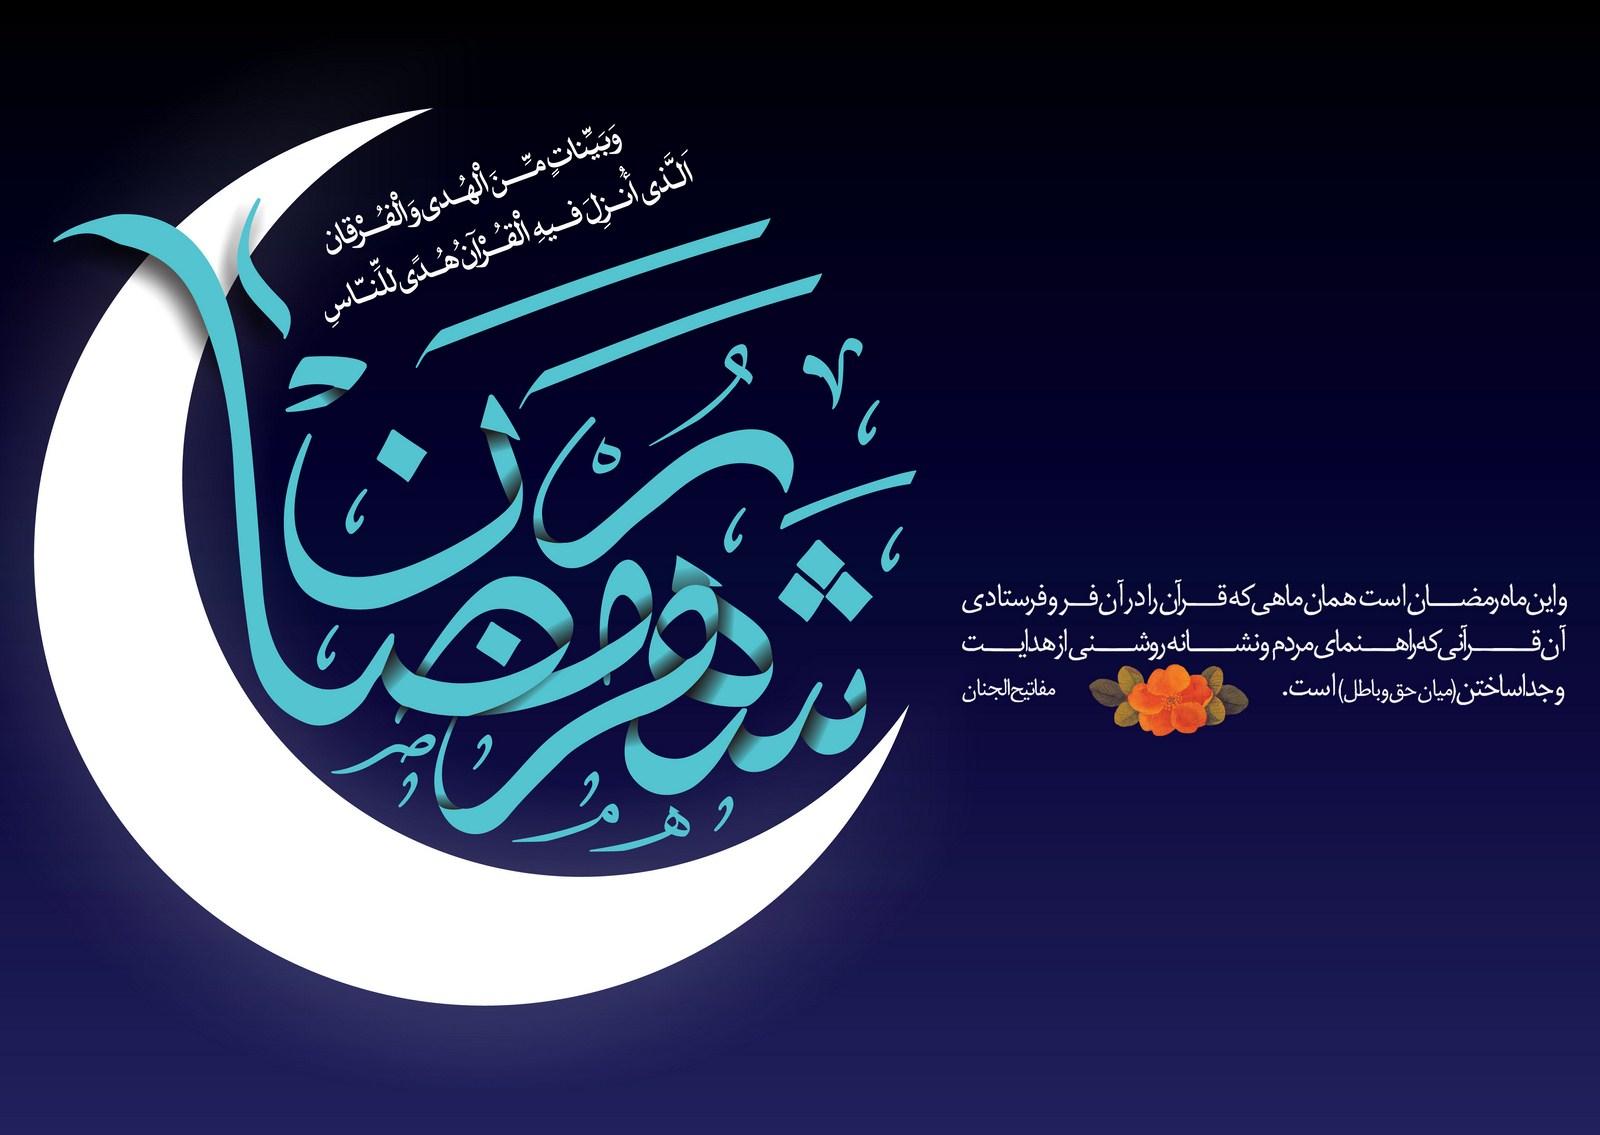 مراقبات ماه مبارك رمضان - قسمت دهم